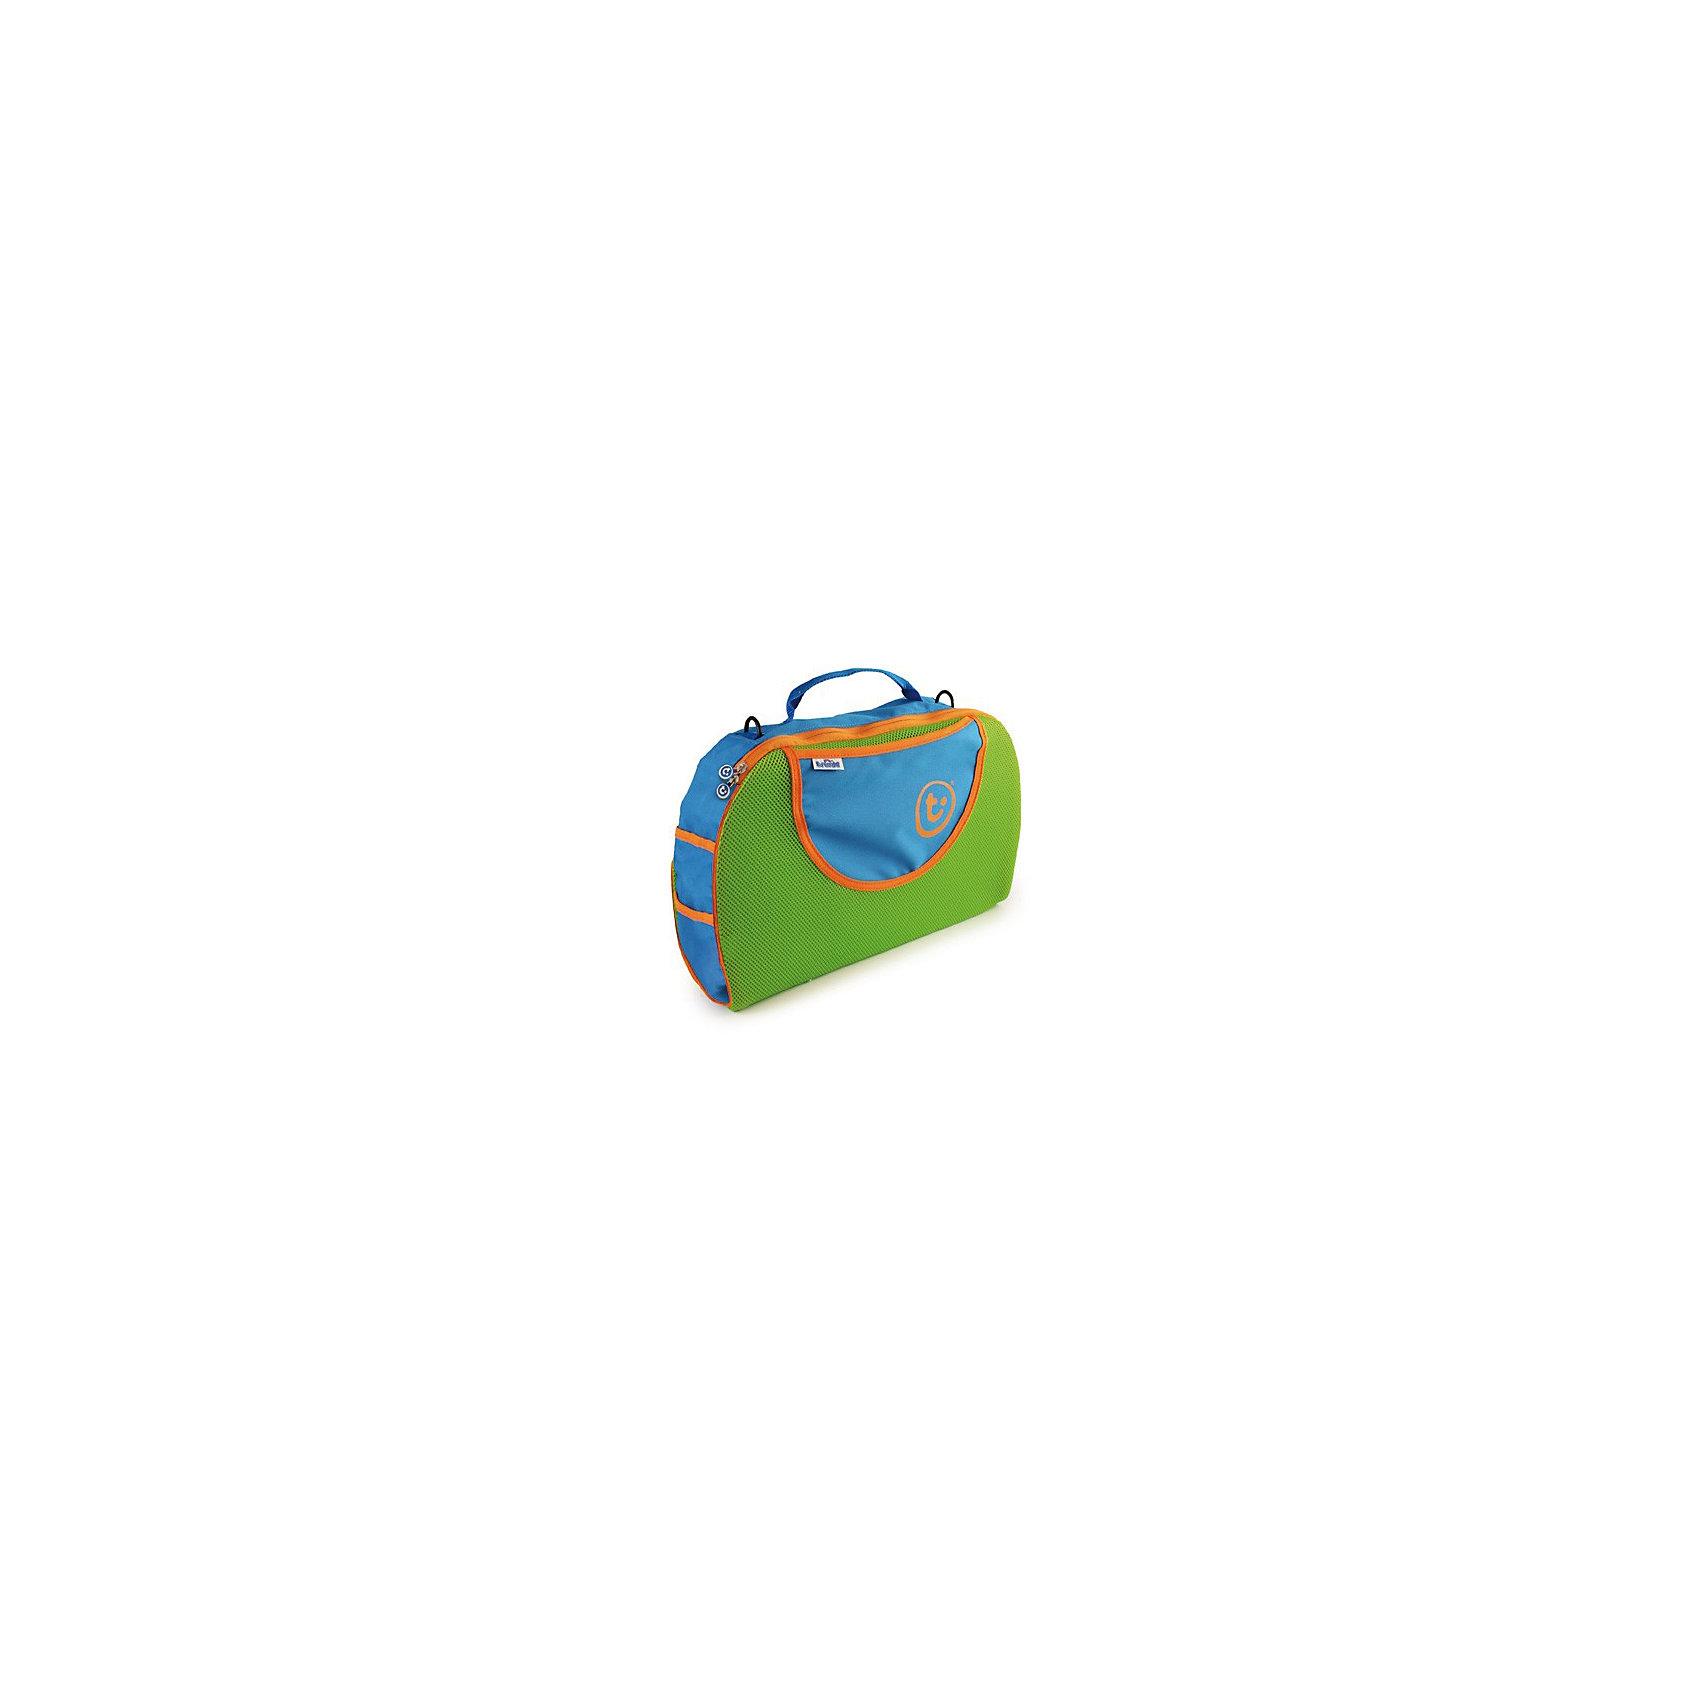 Голубая сумка для чемоданаИгрушки Вашего ребенка и все его вещи отлично помещаются в удобной дорожной сумке голубого цвета: самое дорогое и необходимое всегда под рукой! Аксессуар можно закрепить на спинке переднего сидения в машине или  самолете, кроме того, сумка прекрасно помещается в чемодан  trunki (Транки). В комплекте есть съемный ремень, который можно использовать в качестве длинной ручки через плечо.<br><br>Дополнительная информация:<br><br>- Материал: текстиль.<br>- Размеры: 44х31 см. <br>- Вместительность: 15 л.<br>- Цвет: голубой, зеленый.<br>- Вес: 0,15 кг.  <br><br>Голубую сумку для чемодана можно купить в нашем магазине.<br><br>Ширина мм: 407<br>Глубина мм: 317<br>Высота мм: 76<br>Вес г: 227<br>Возраст от месяцев: 36<br>Возраст до месяцев: 72<br>Пол: Мужской<br>Возраст: Детский<br>SKU: 2412573